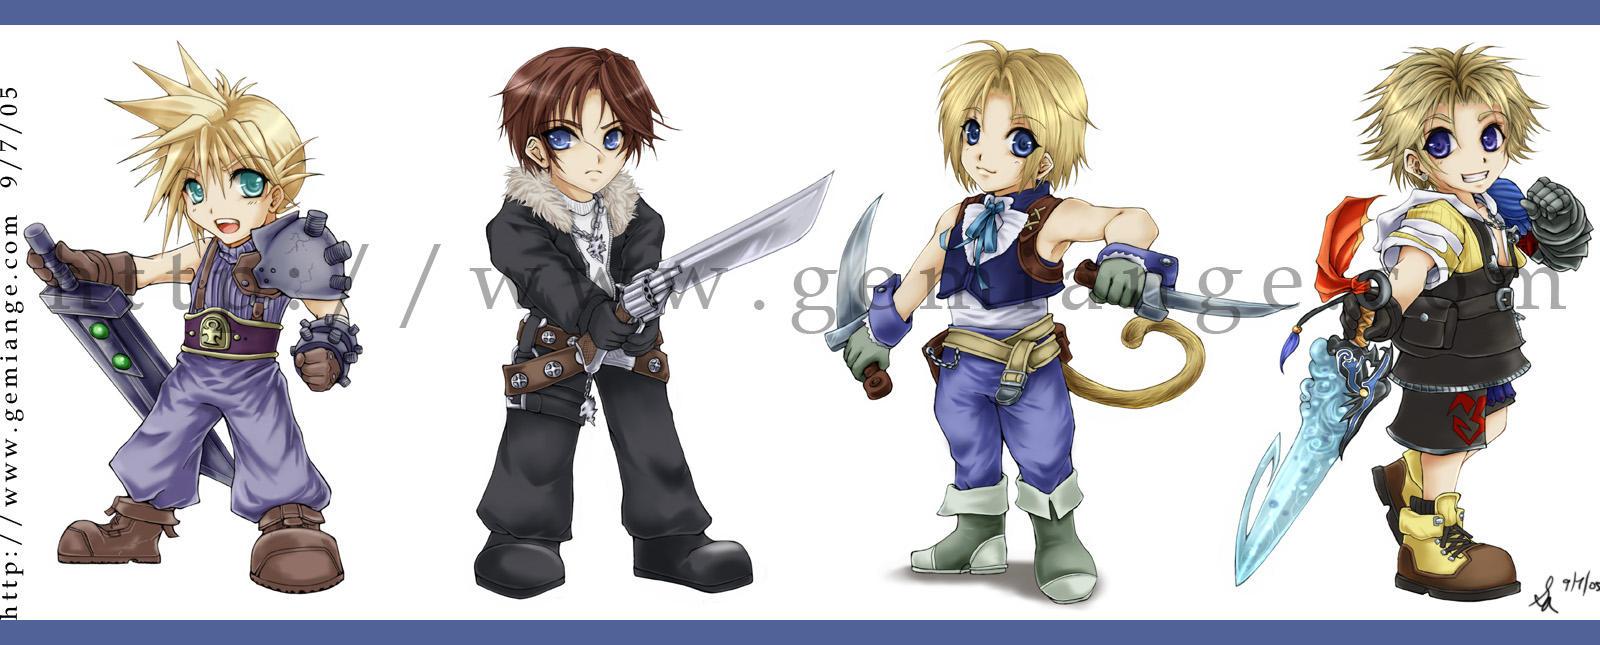 +Final Fantasy Chibi Heros+ by gemiange